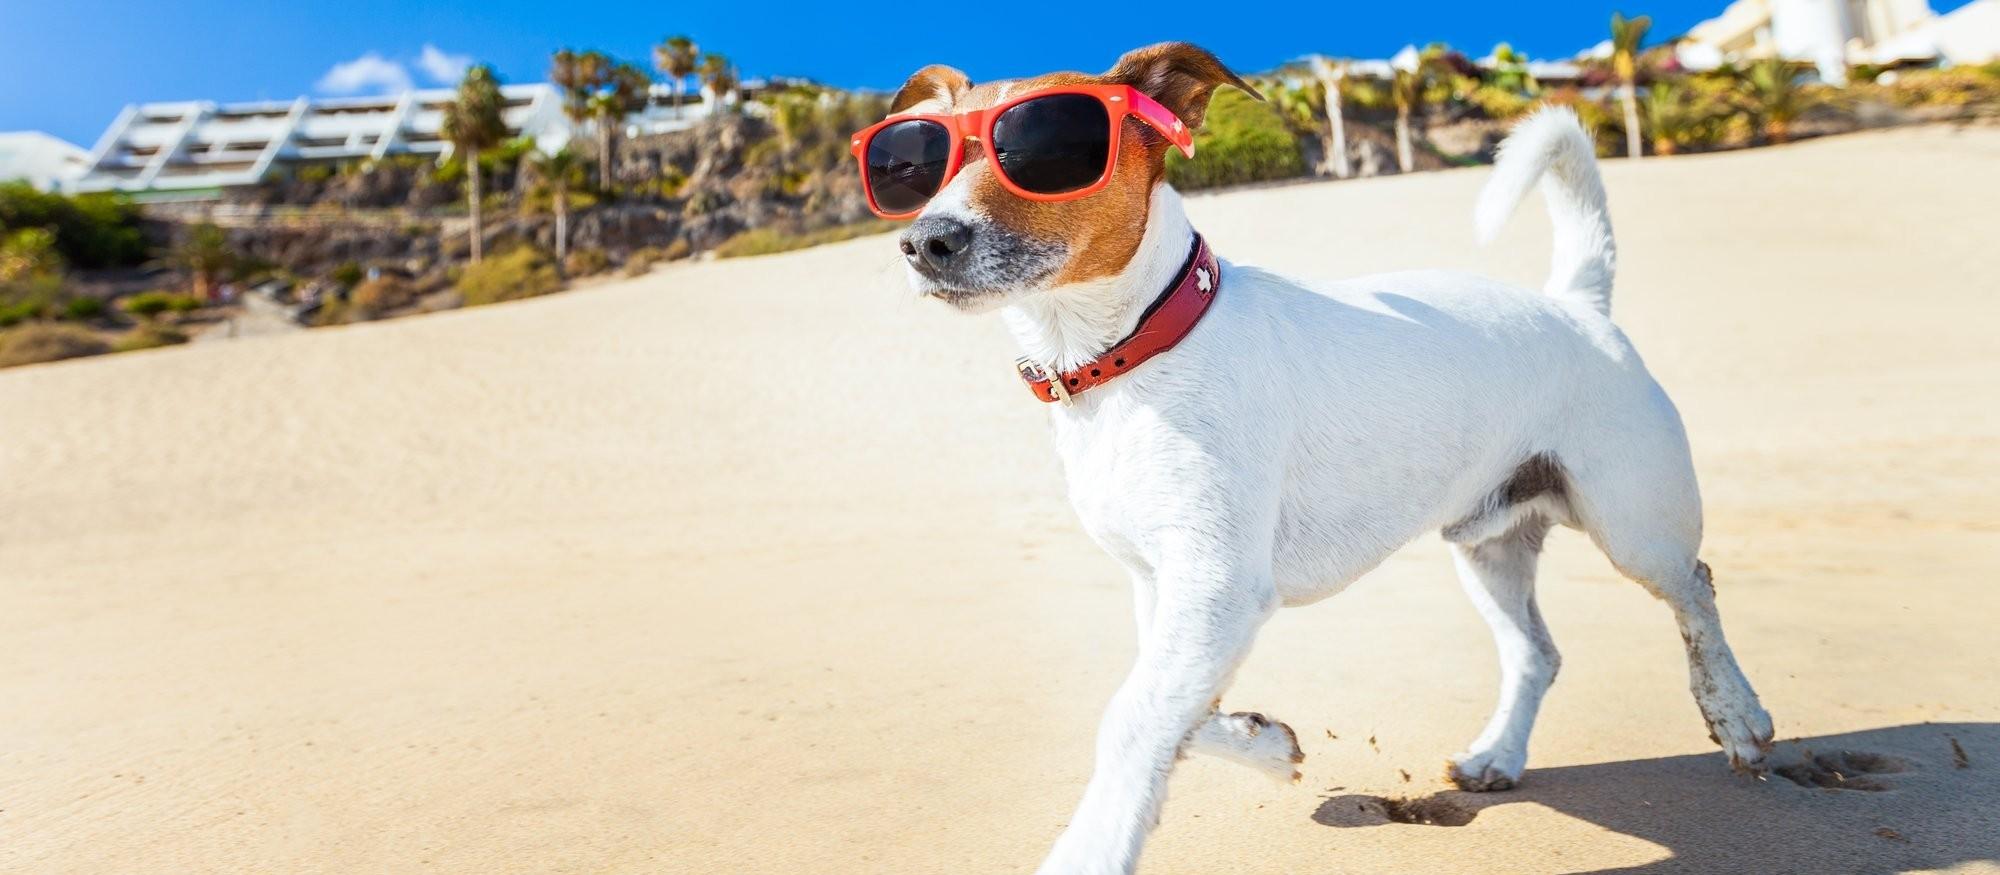 Verão exige atenção ao bem-estar e à saúde dos bichinhos